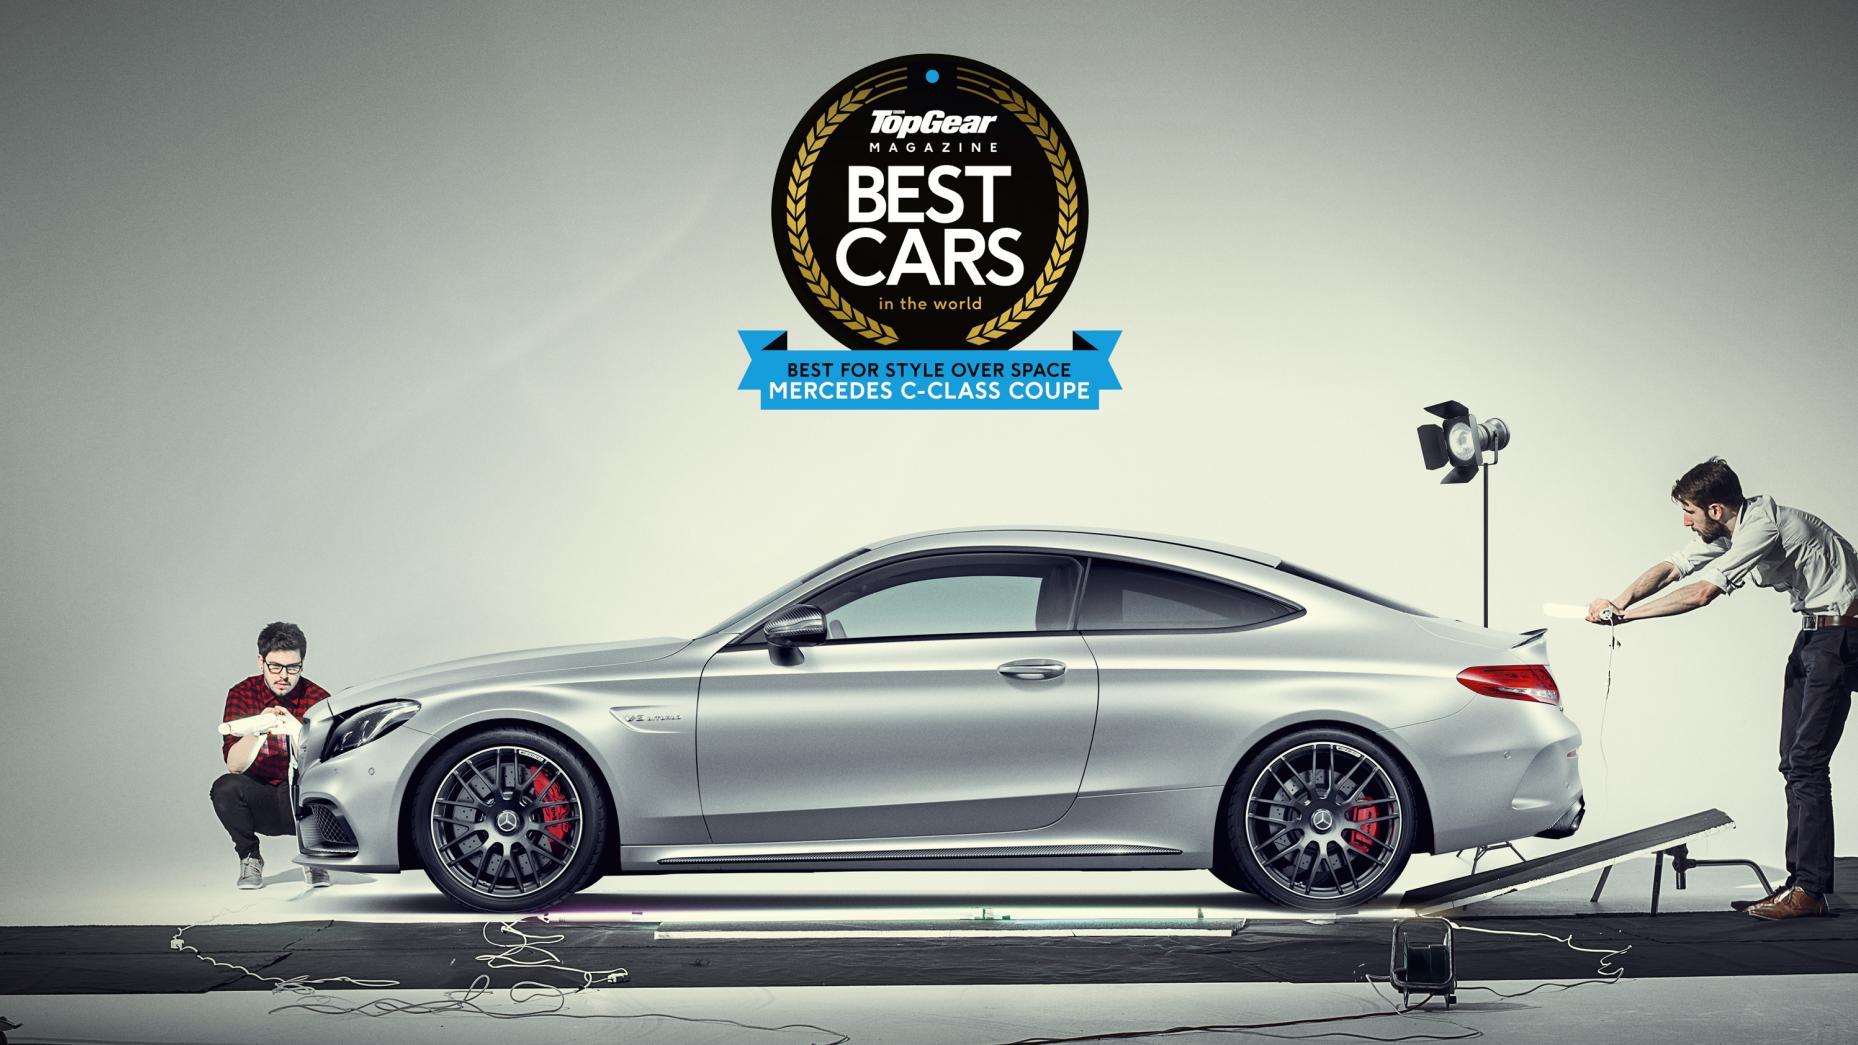 خودروهای منتخب سال از نگاه مجله تاپگیر (به روایت تصویر)